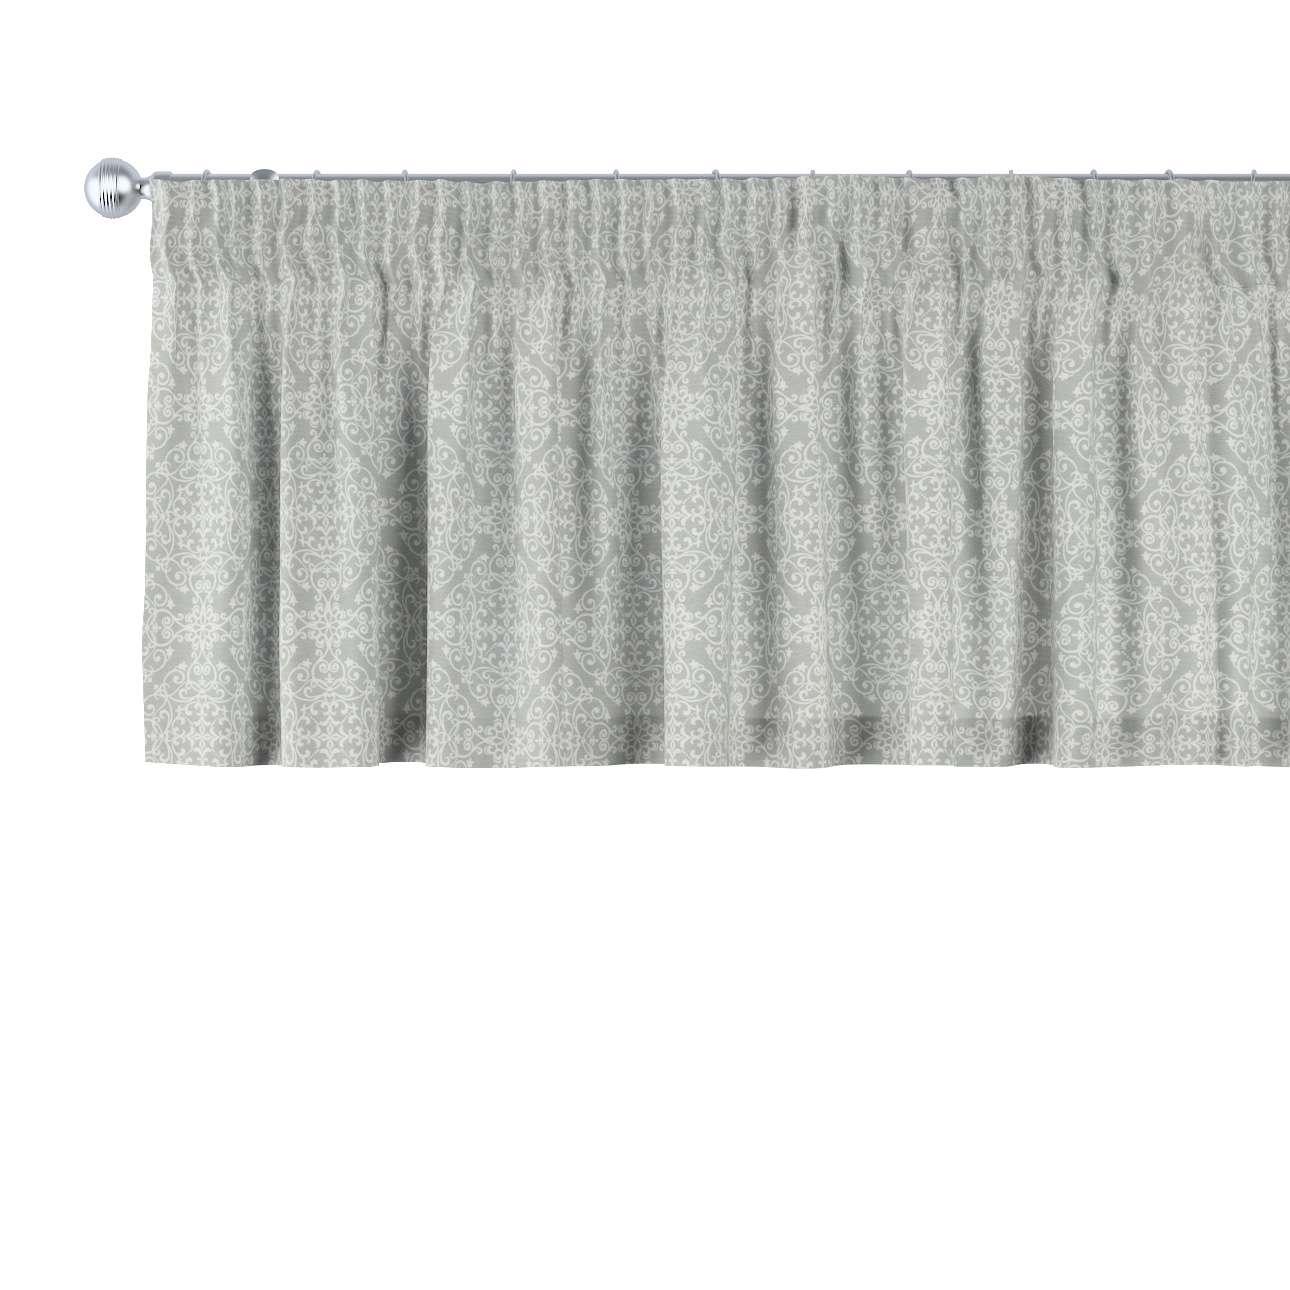 Gardinkappe med rynkebånd 130 x 40 cm fra kollektionen Flowers, Stof: 140-38